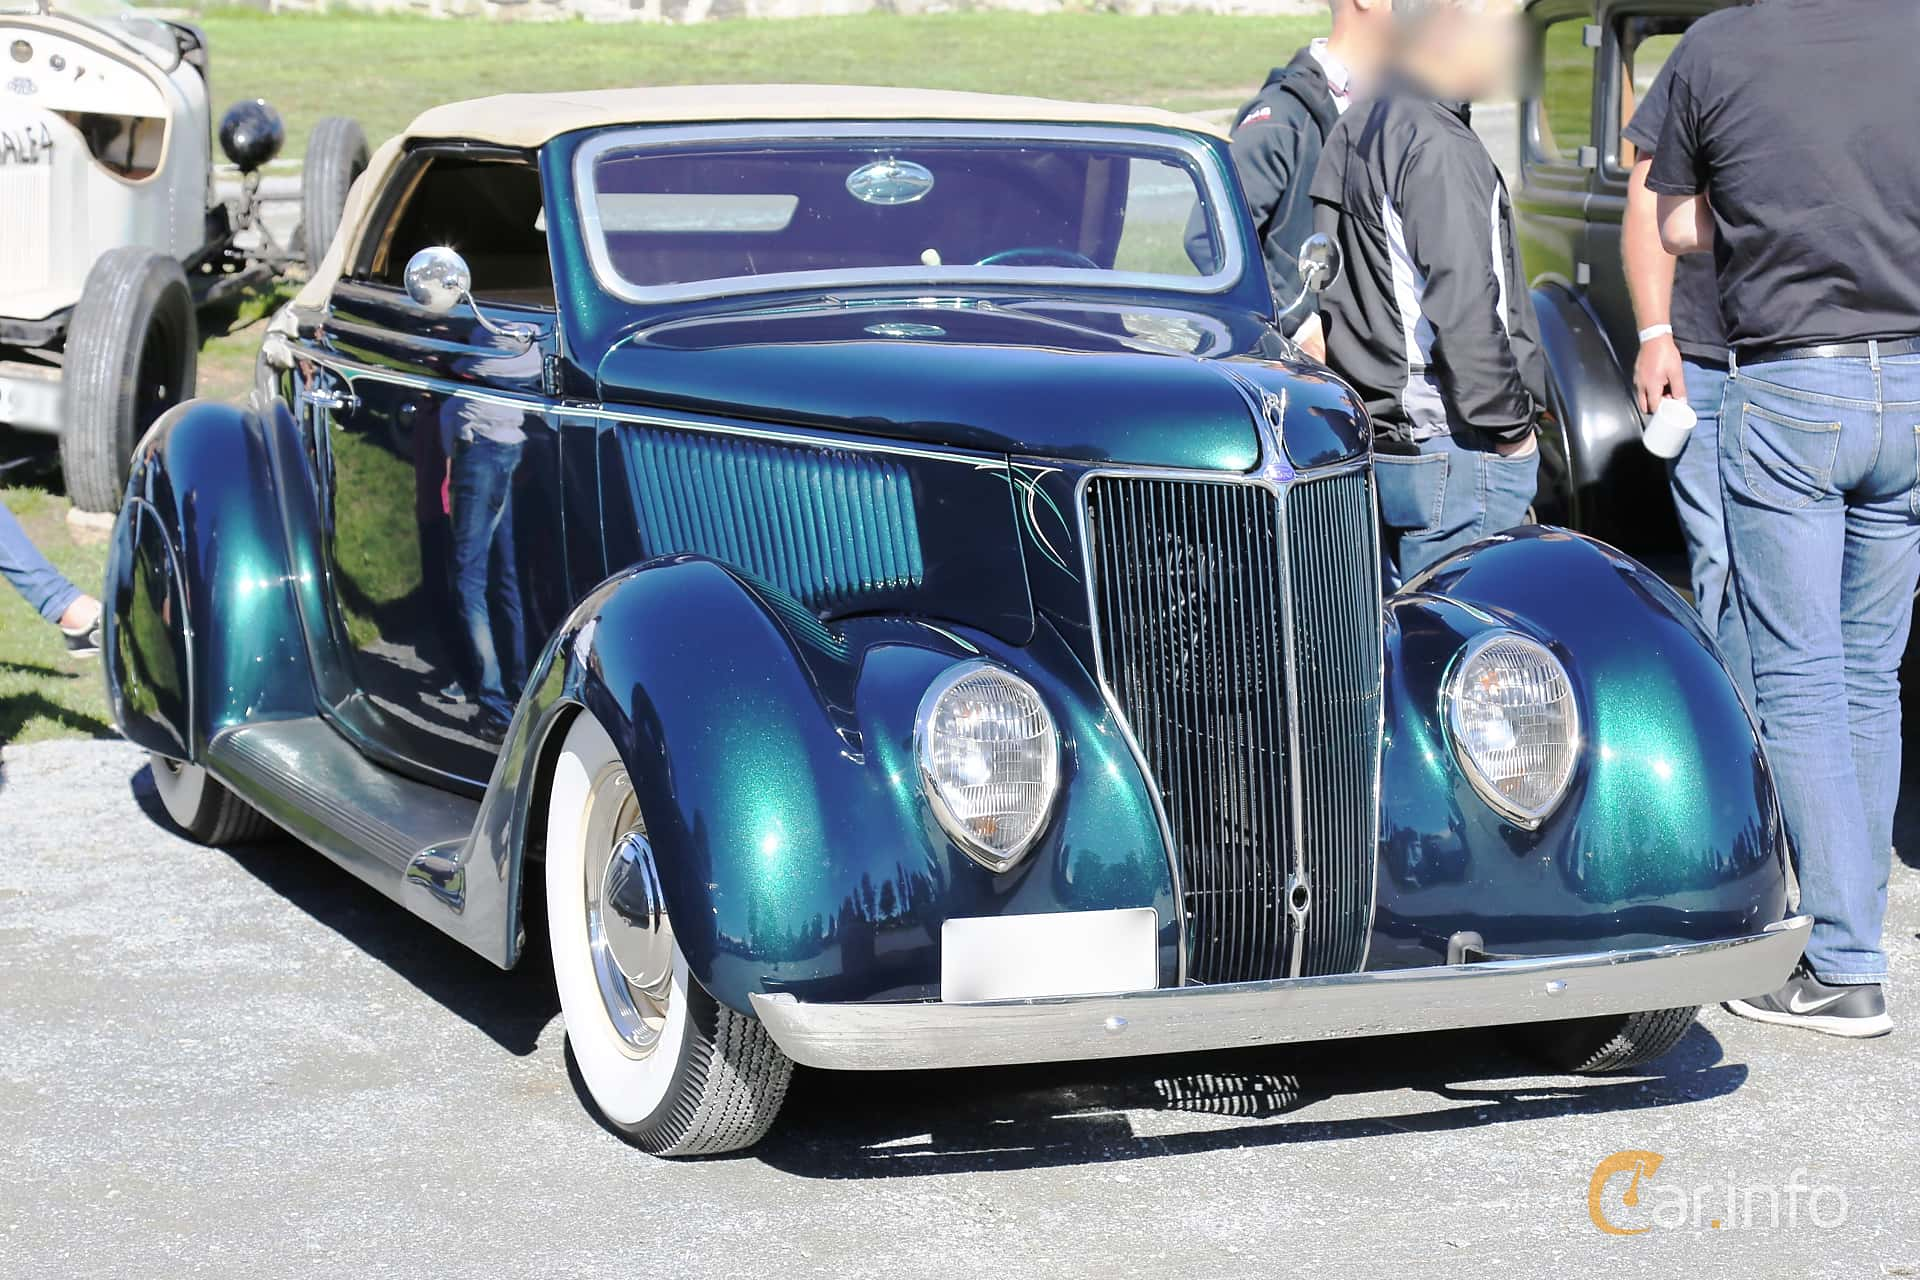 Ford Model 68 Cabriolet 3.6 V8 Manuell, 86hk, 1936 at Grensetreff Halden 2016